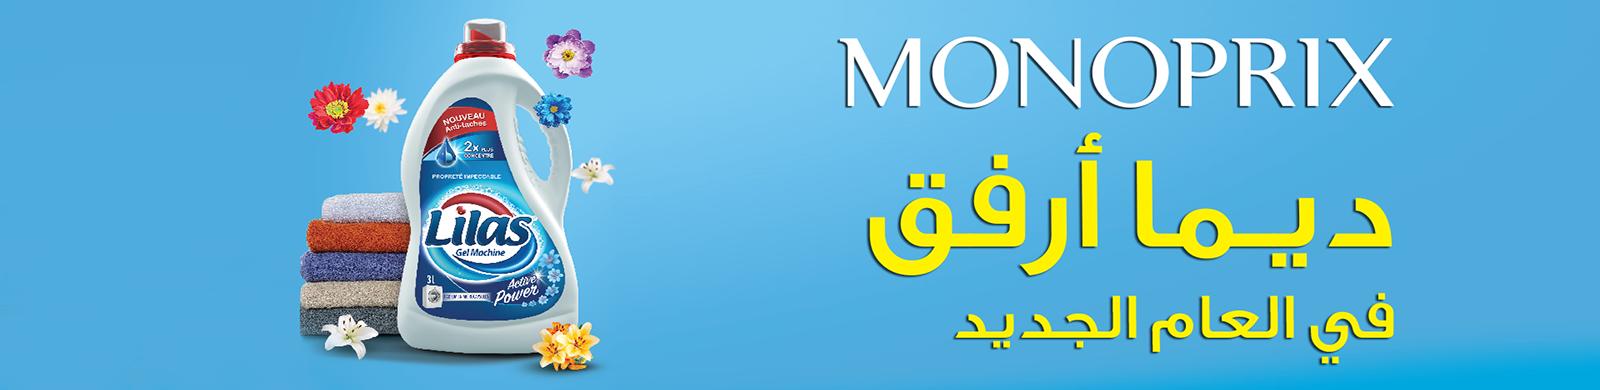 Promotions des hypermarchés en Tunisie   Catalogue Promo